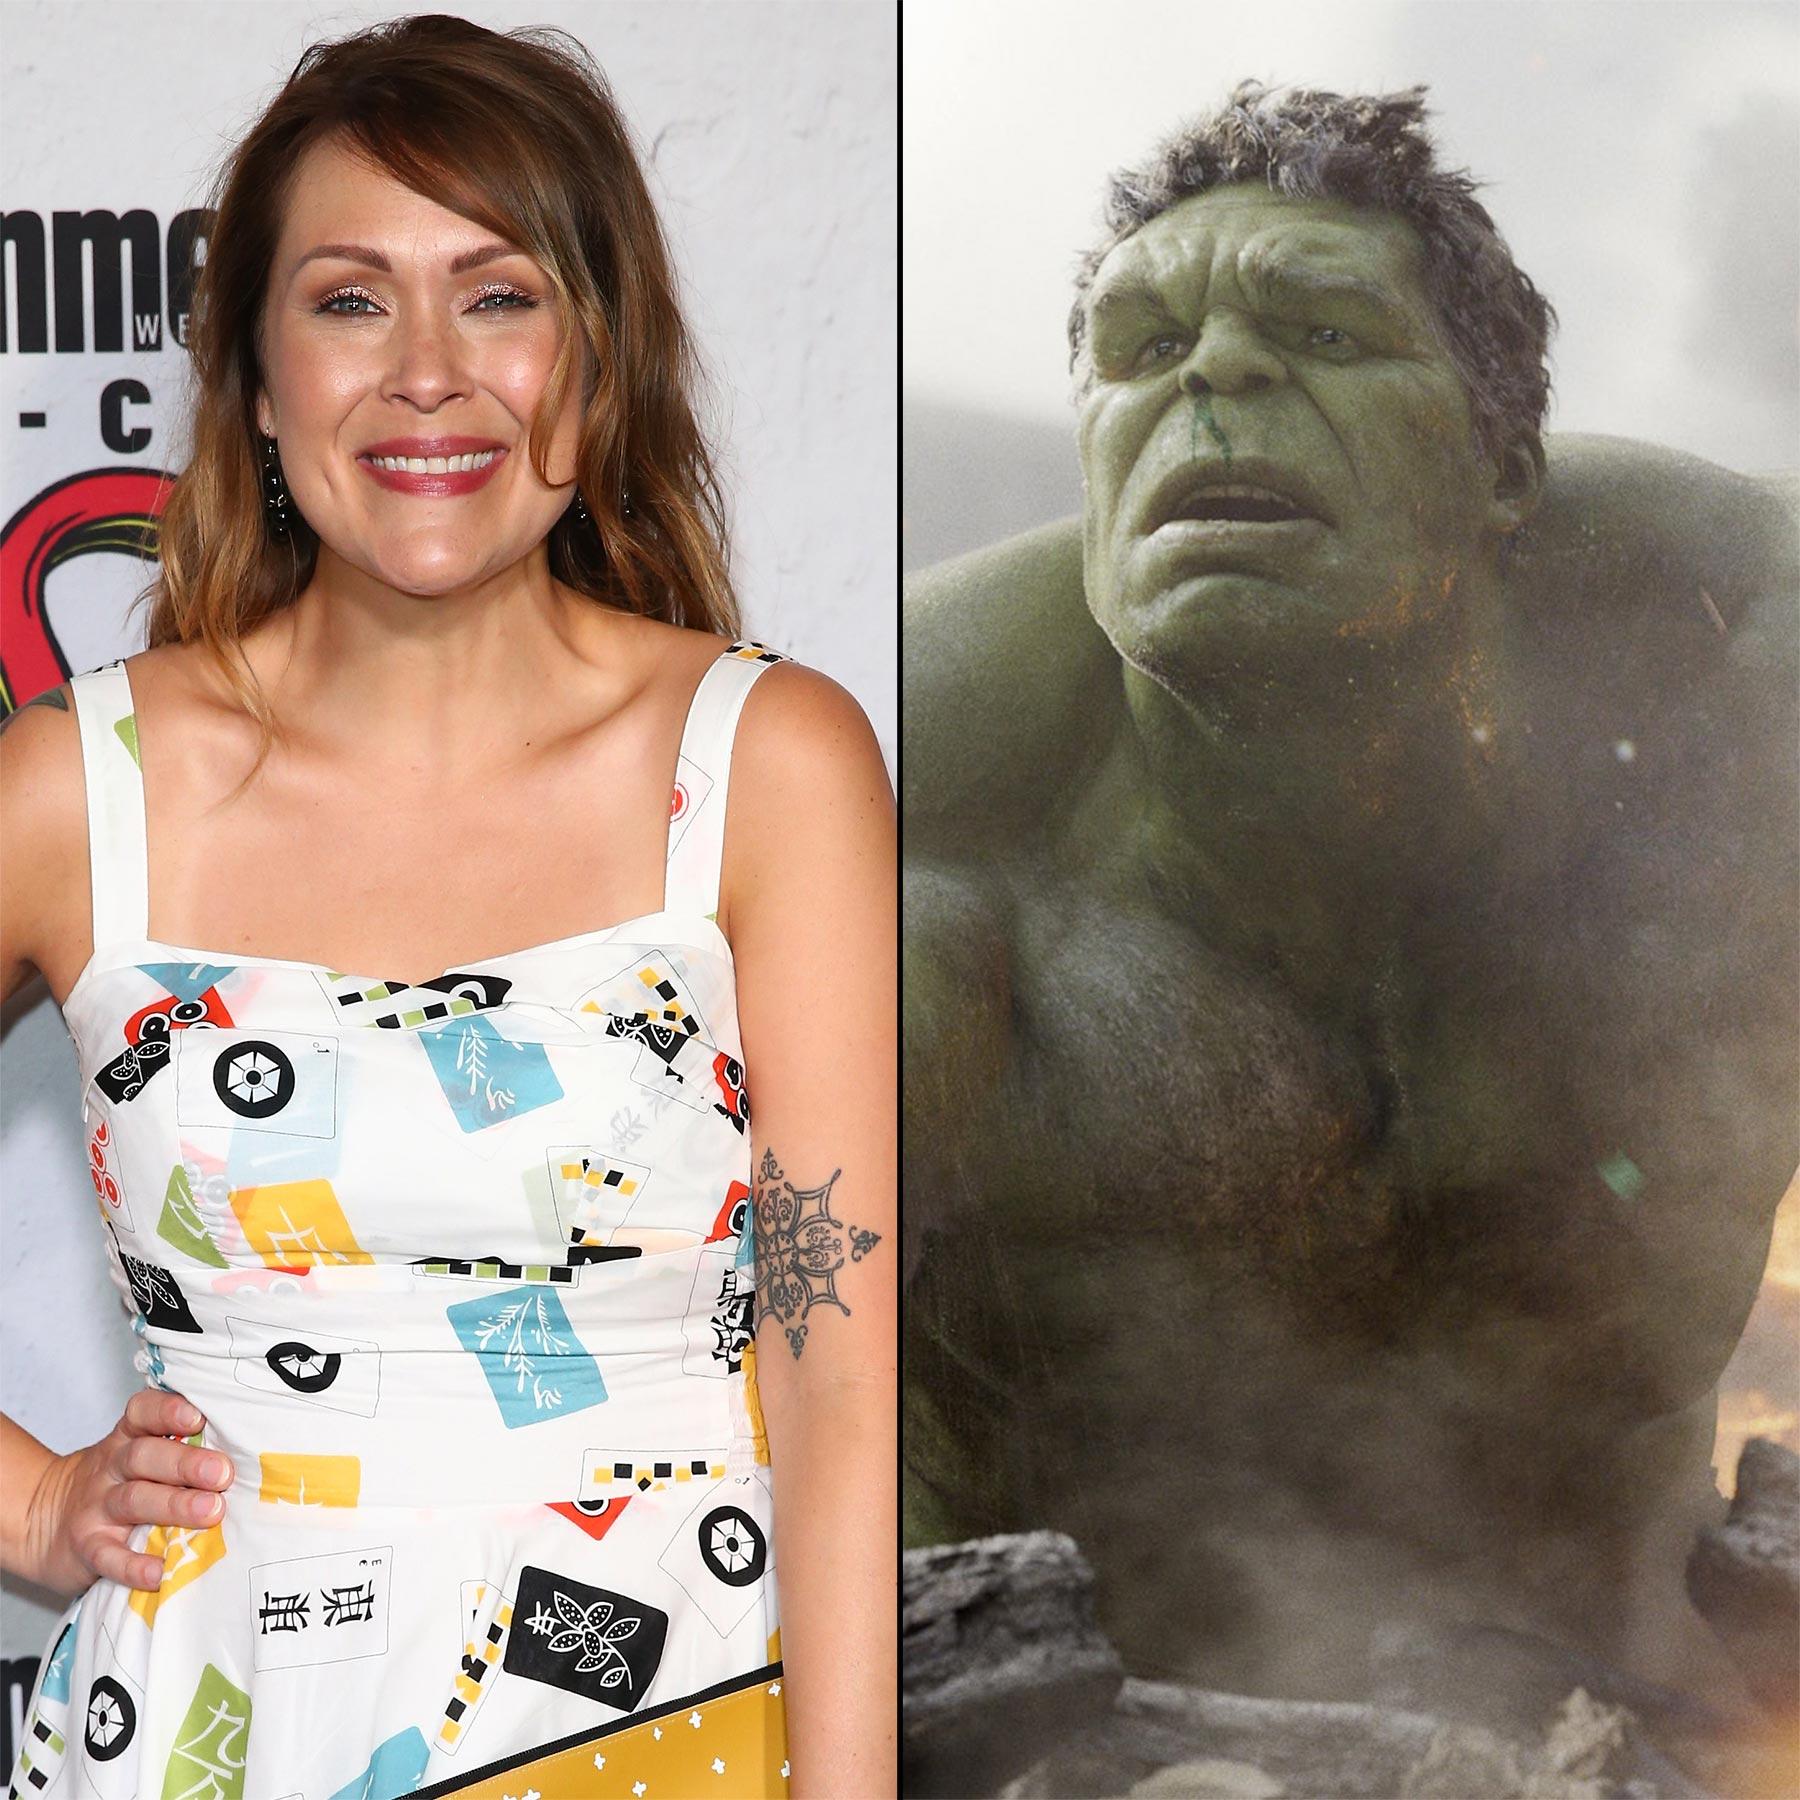 Amber-Nash-The-Hulk